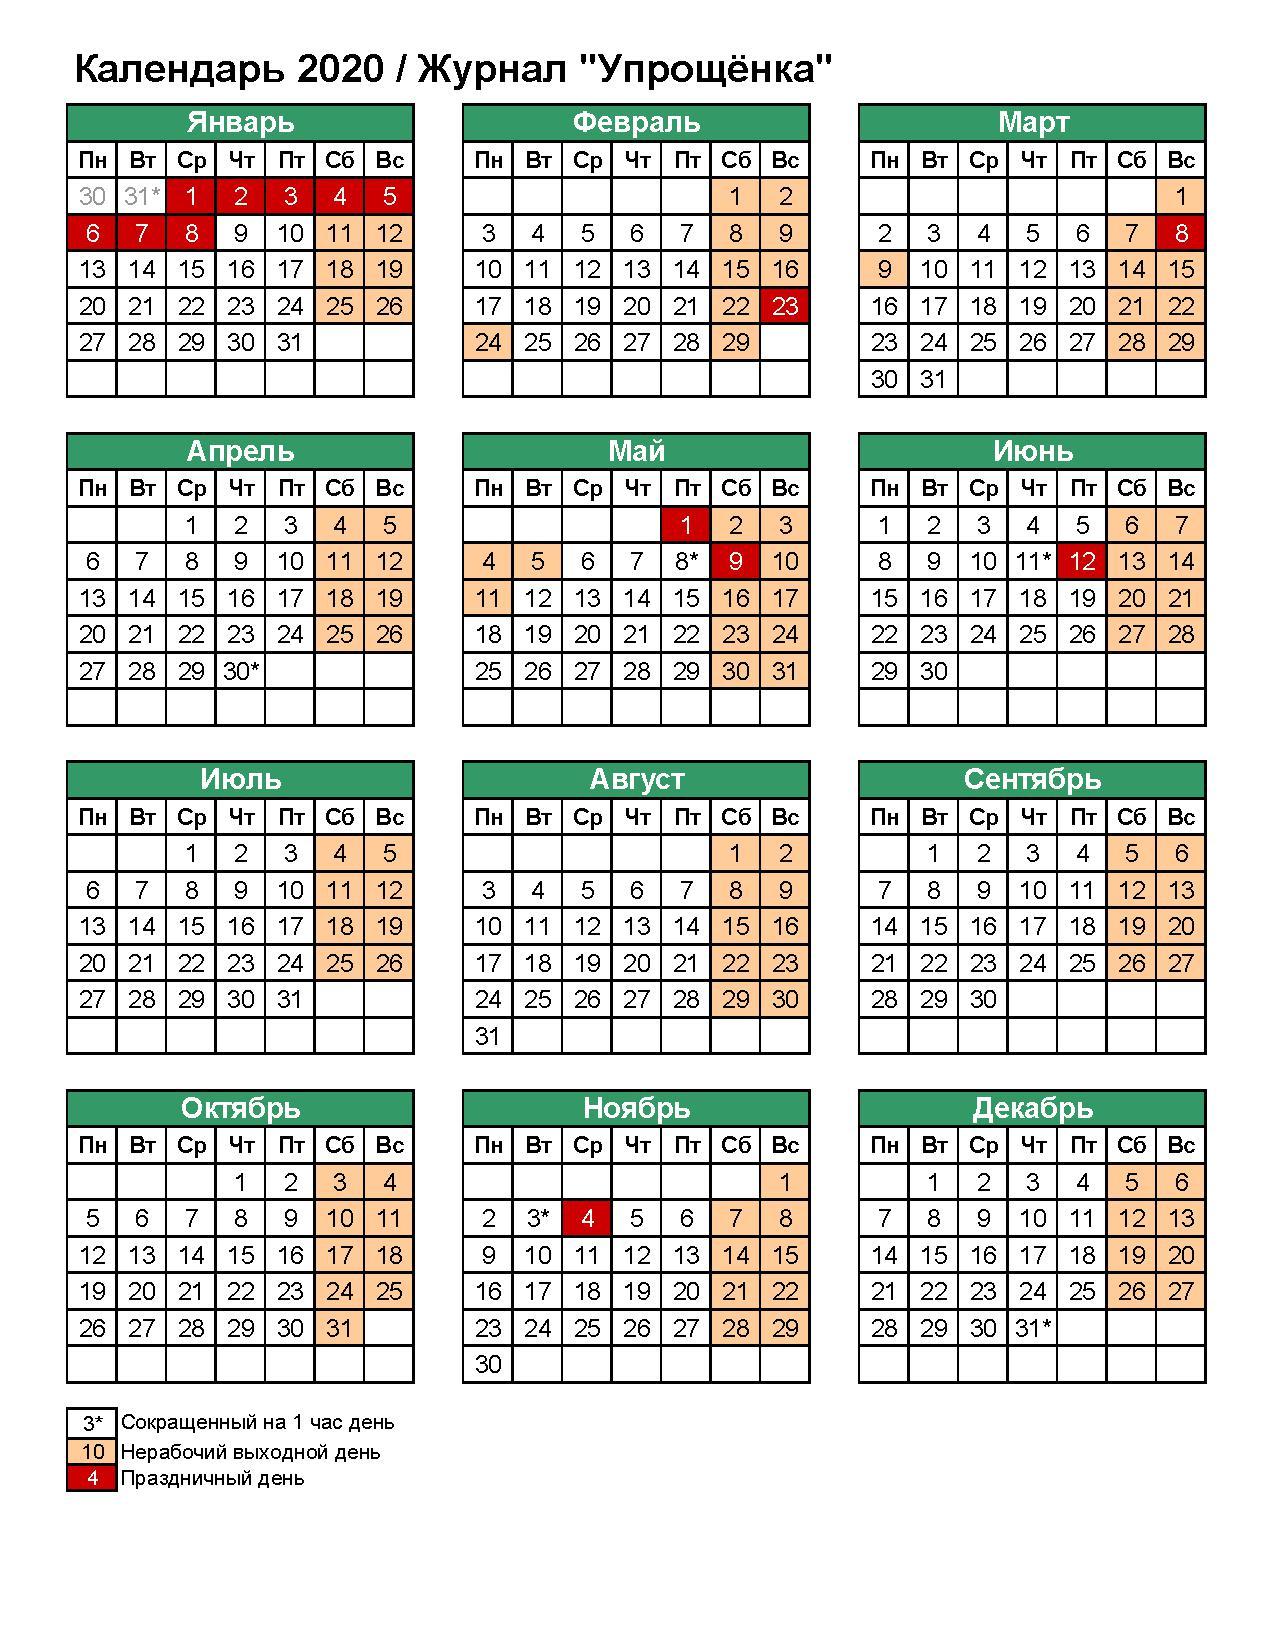 Выходные Дни В Январе 2020: Официальный Перенос На Новый Год